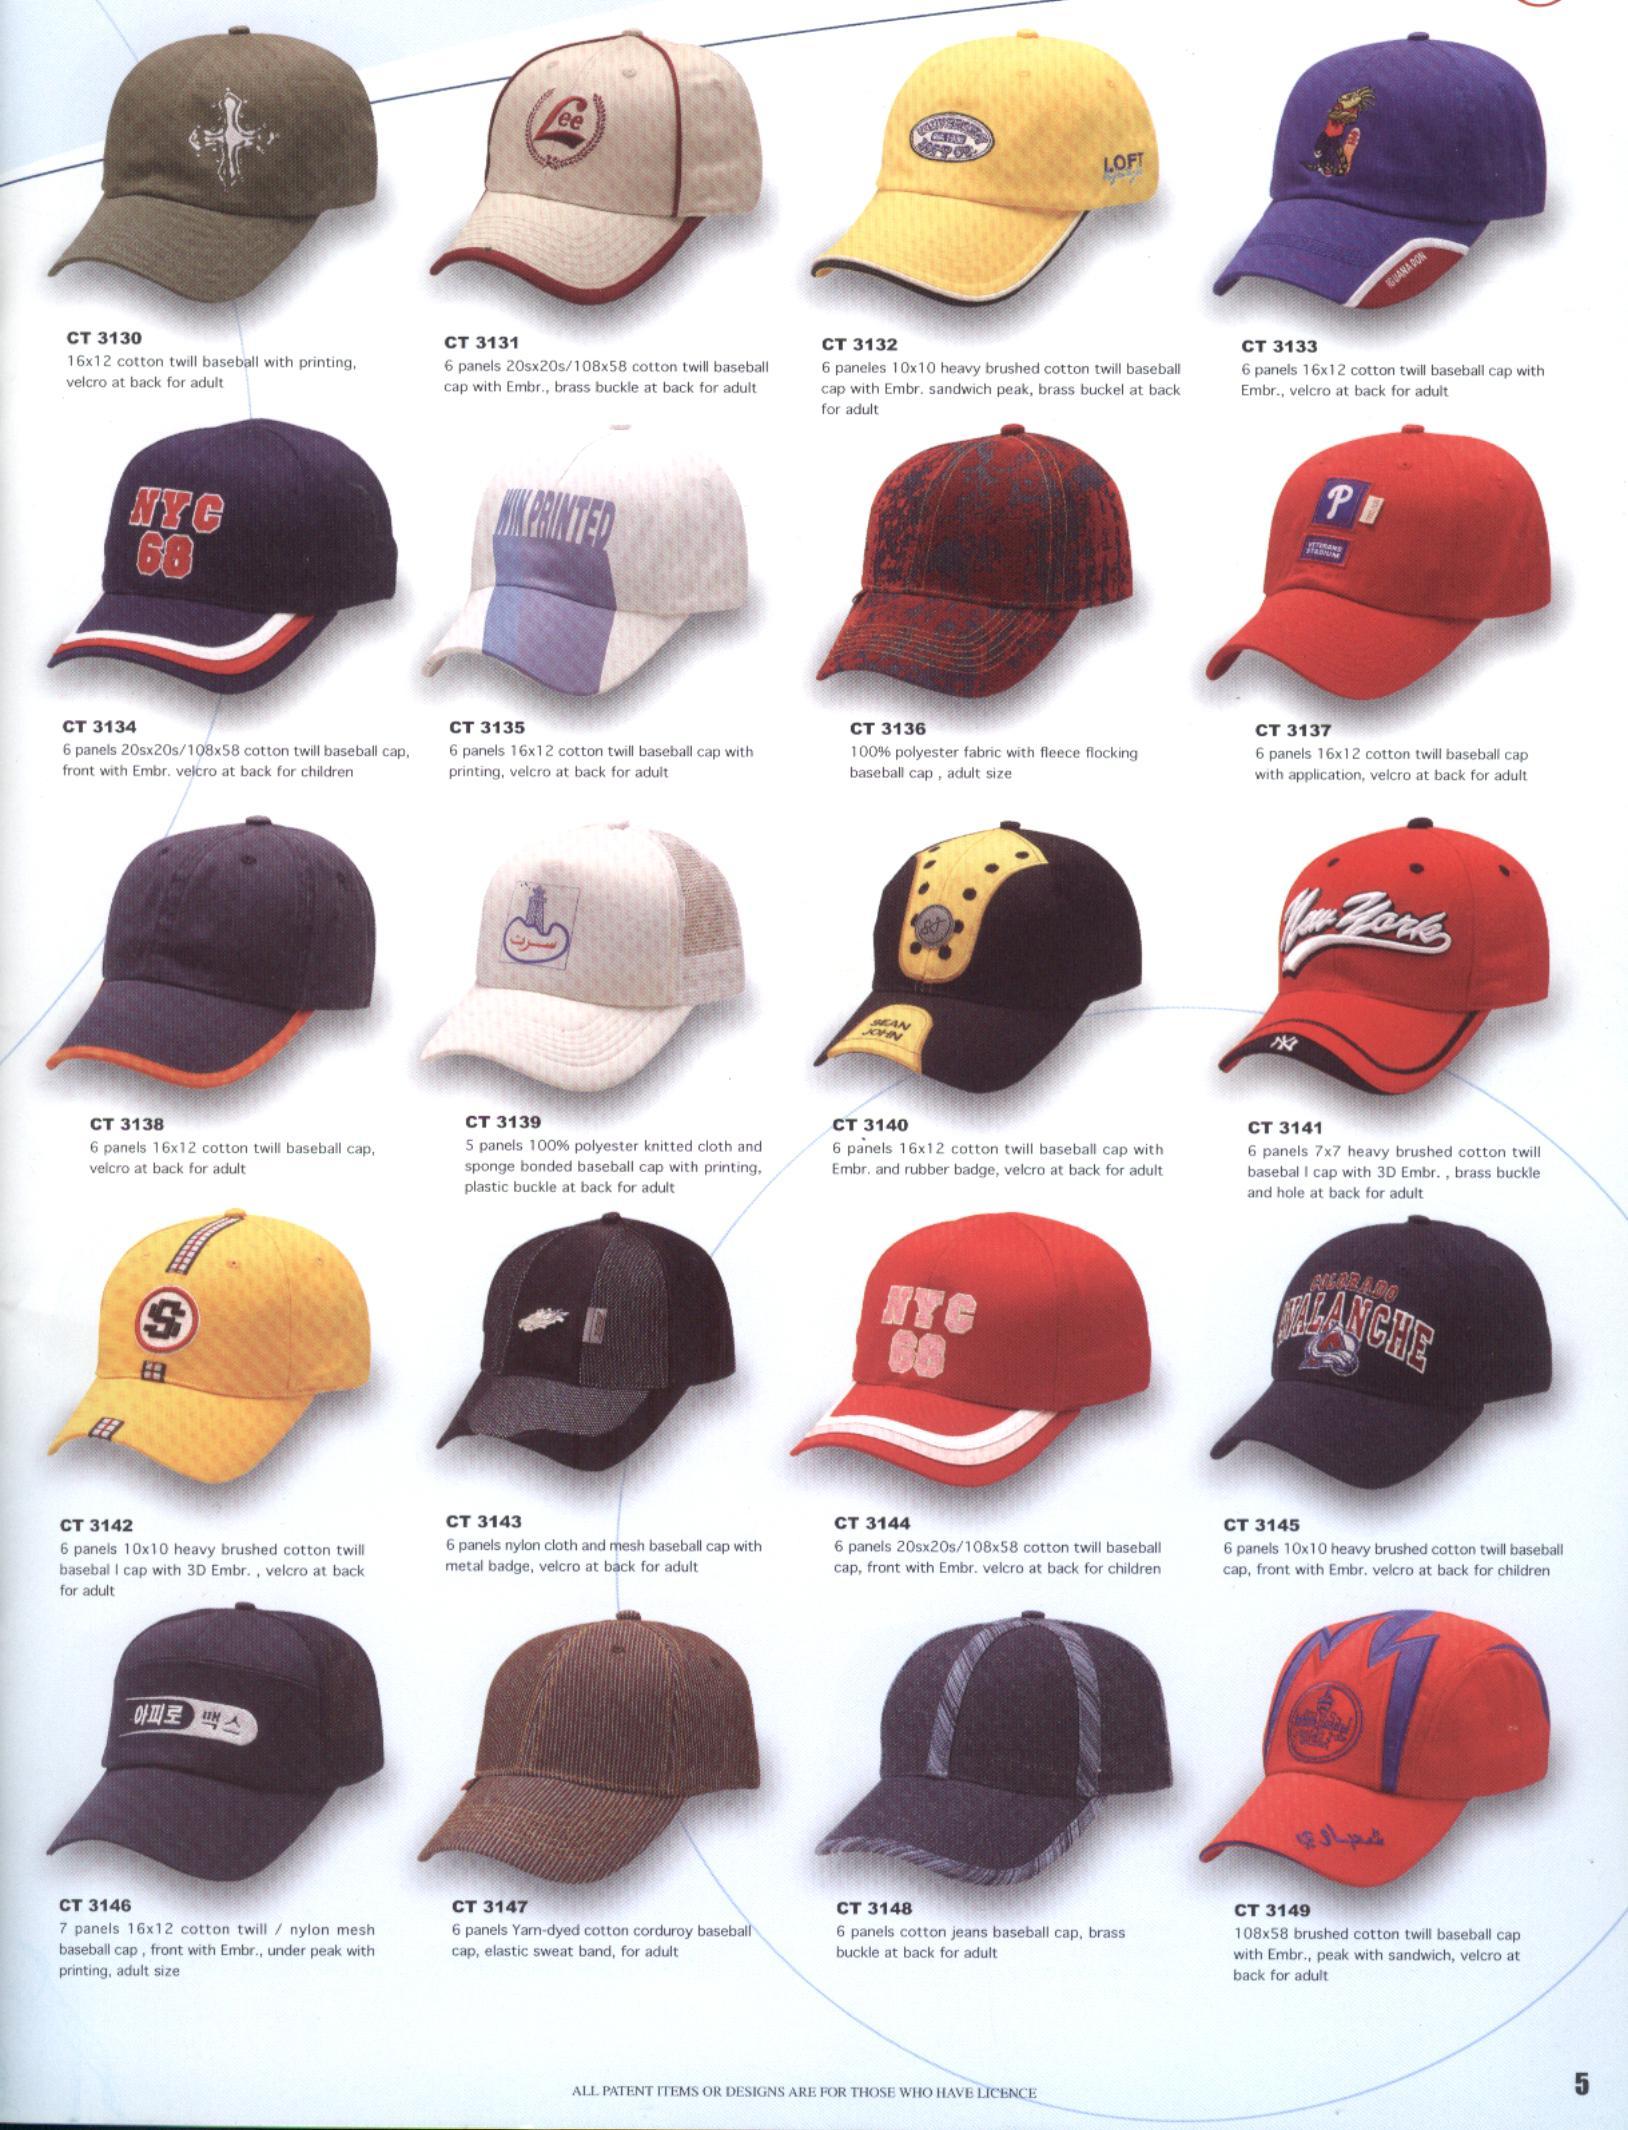 cap,hat,bag,belt